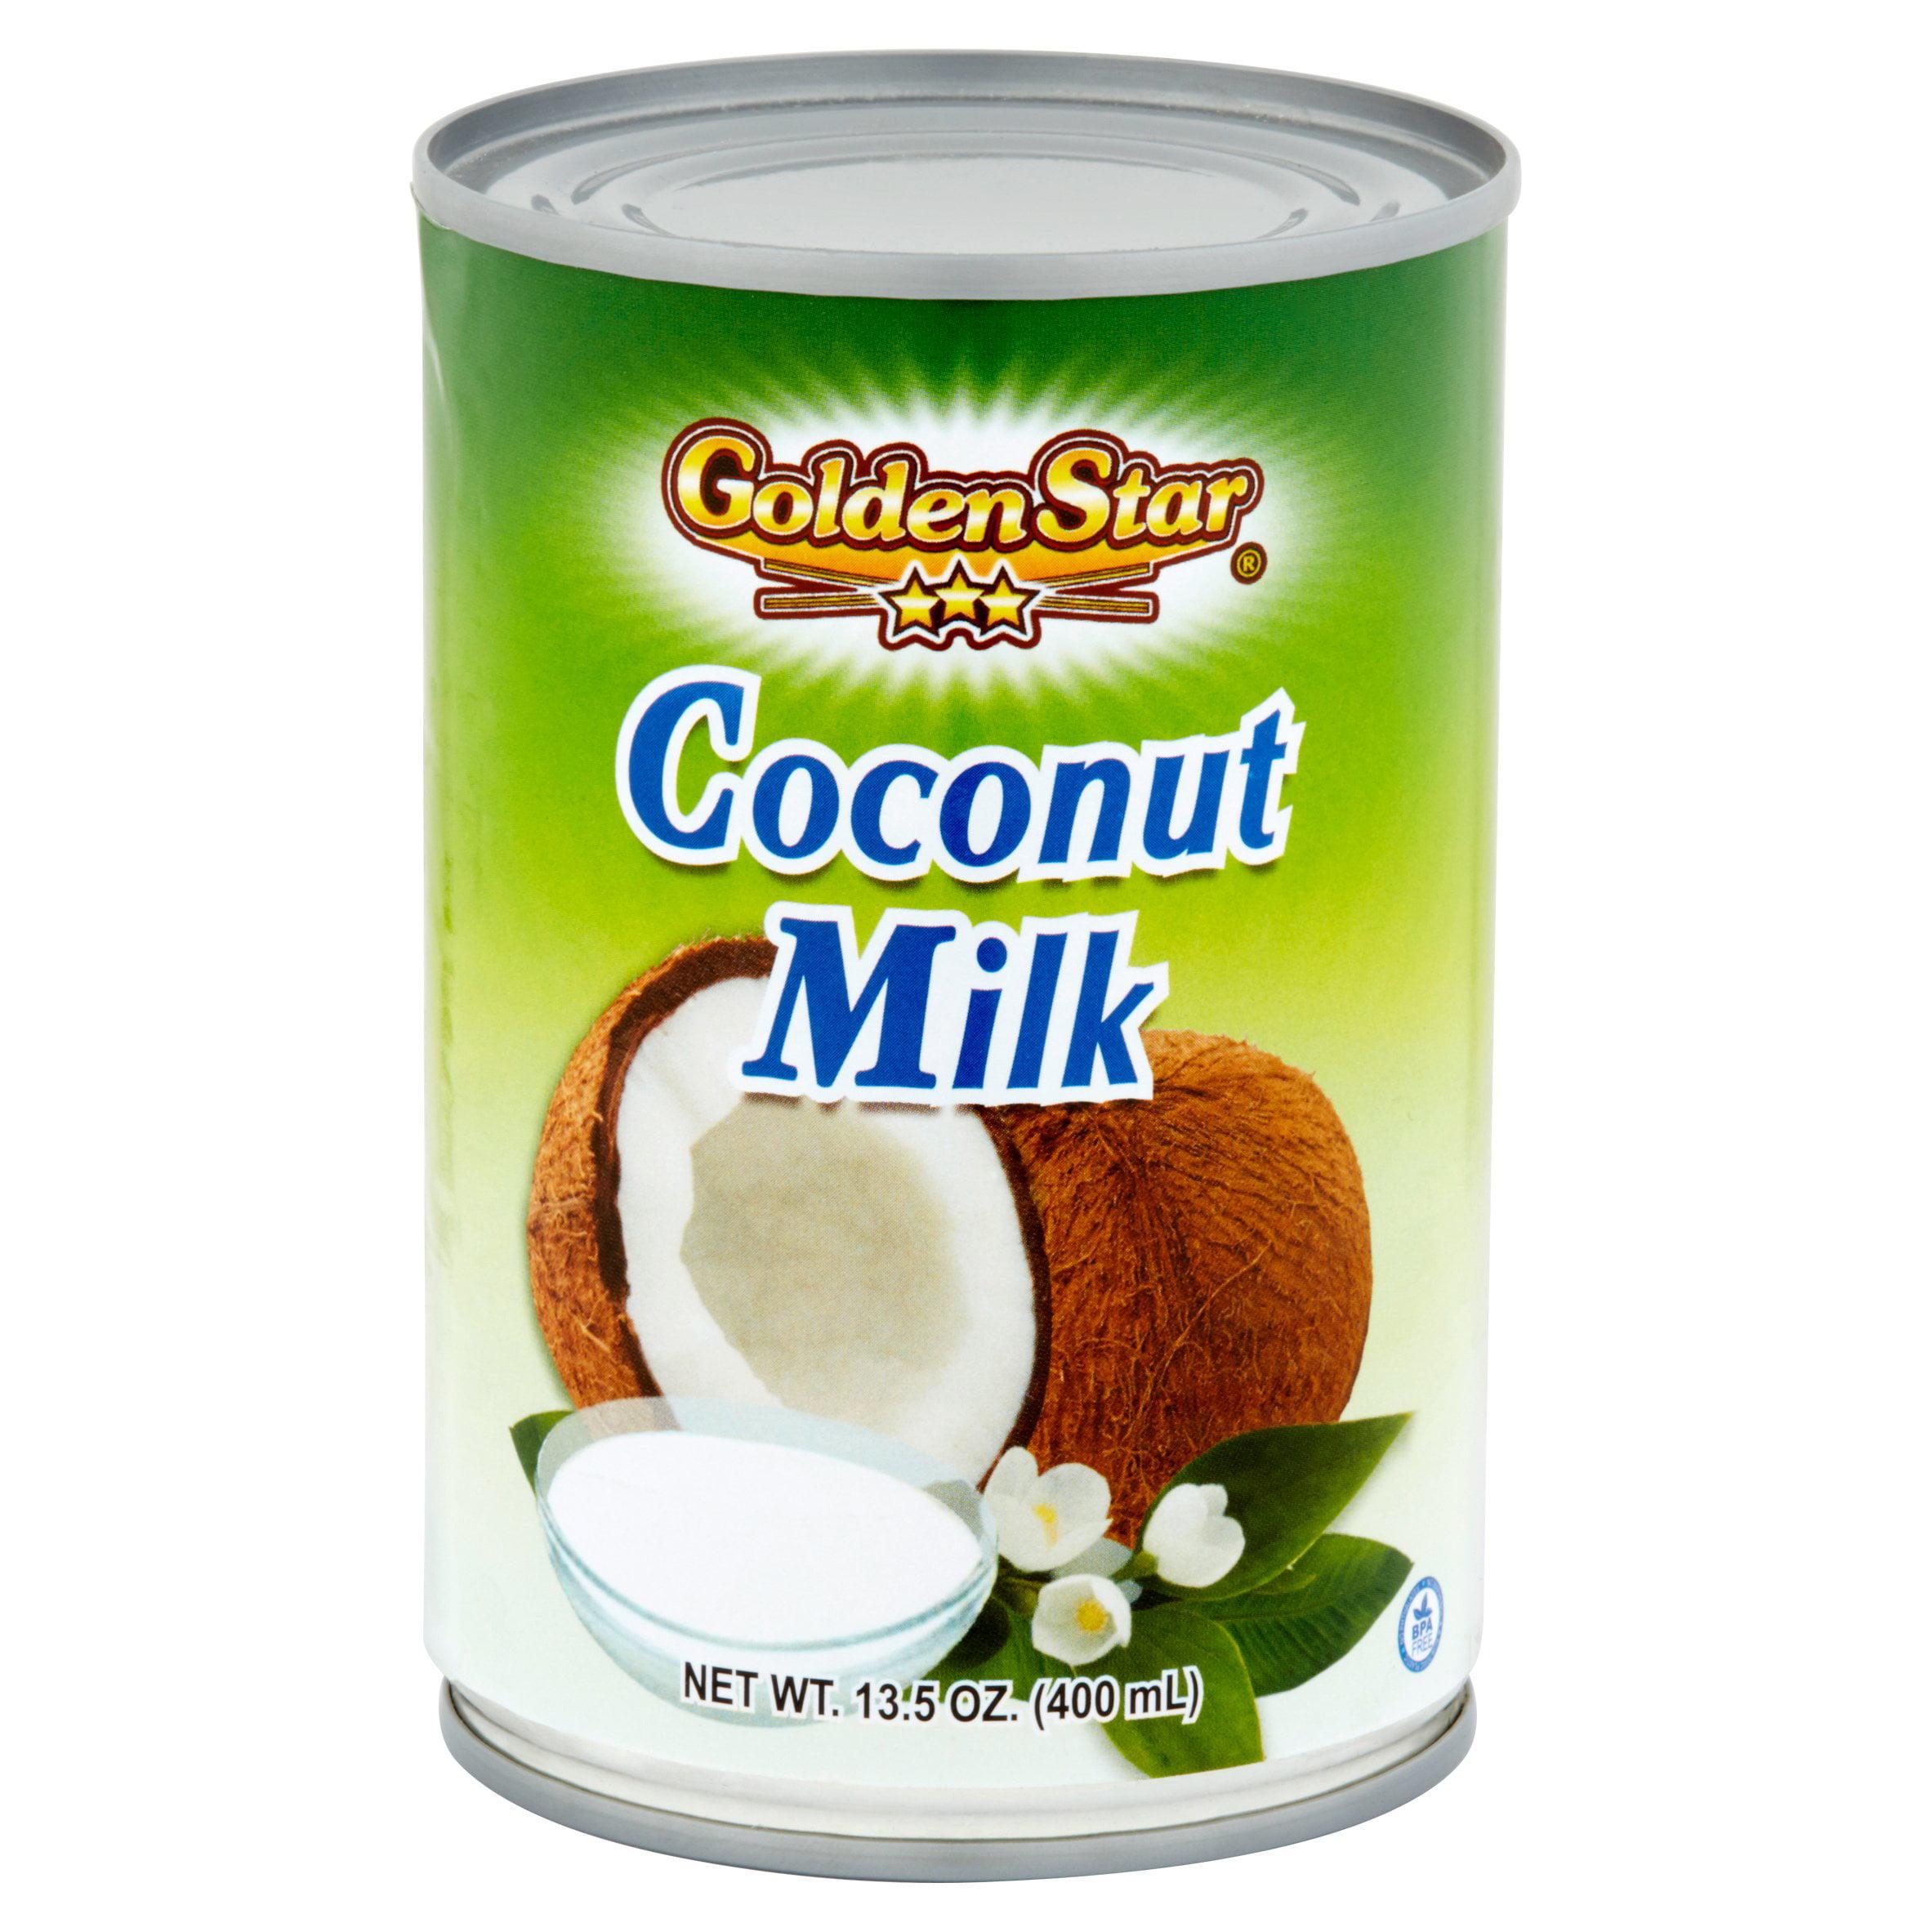 Thai Kitchen Lite Coconut Milk B702Fcd32C5346D98D43120E40D40493_1.8B96564F94B930395Bceedfa37F24754